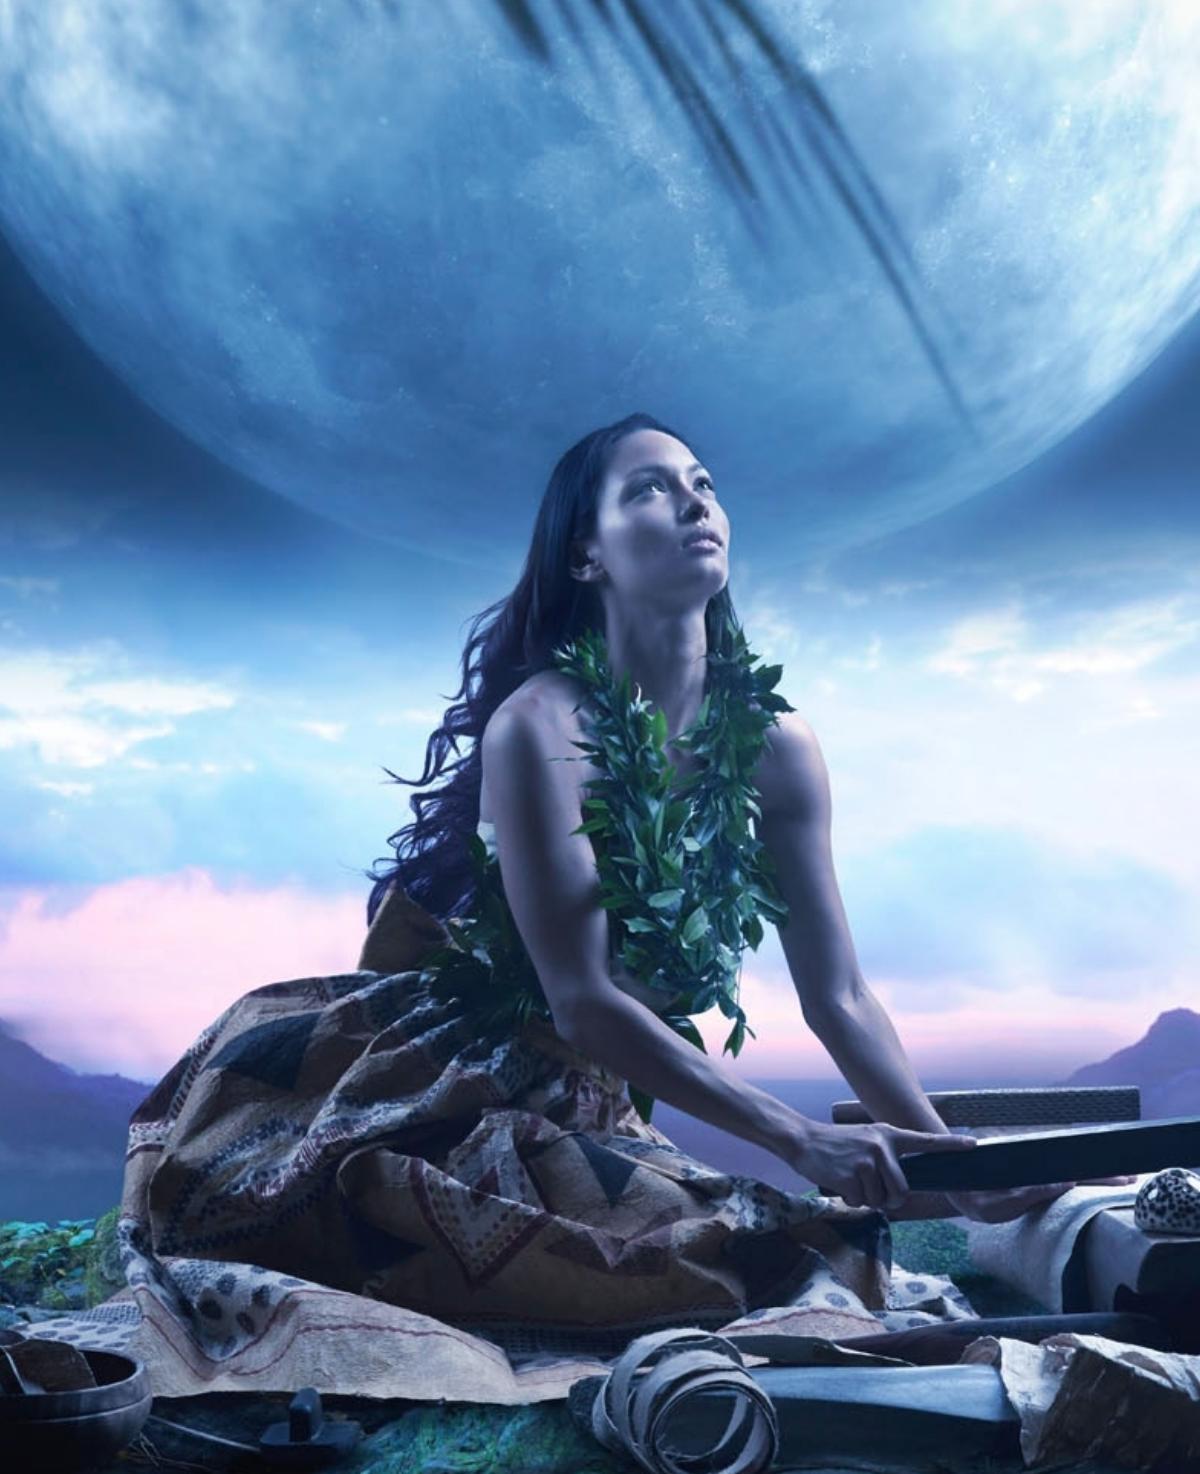 (Photo: * Hina, Hawaiian Moon Goddess  -  www.hawaiiancient.com )